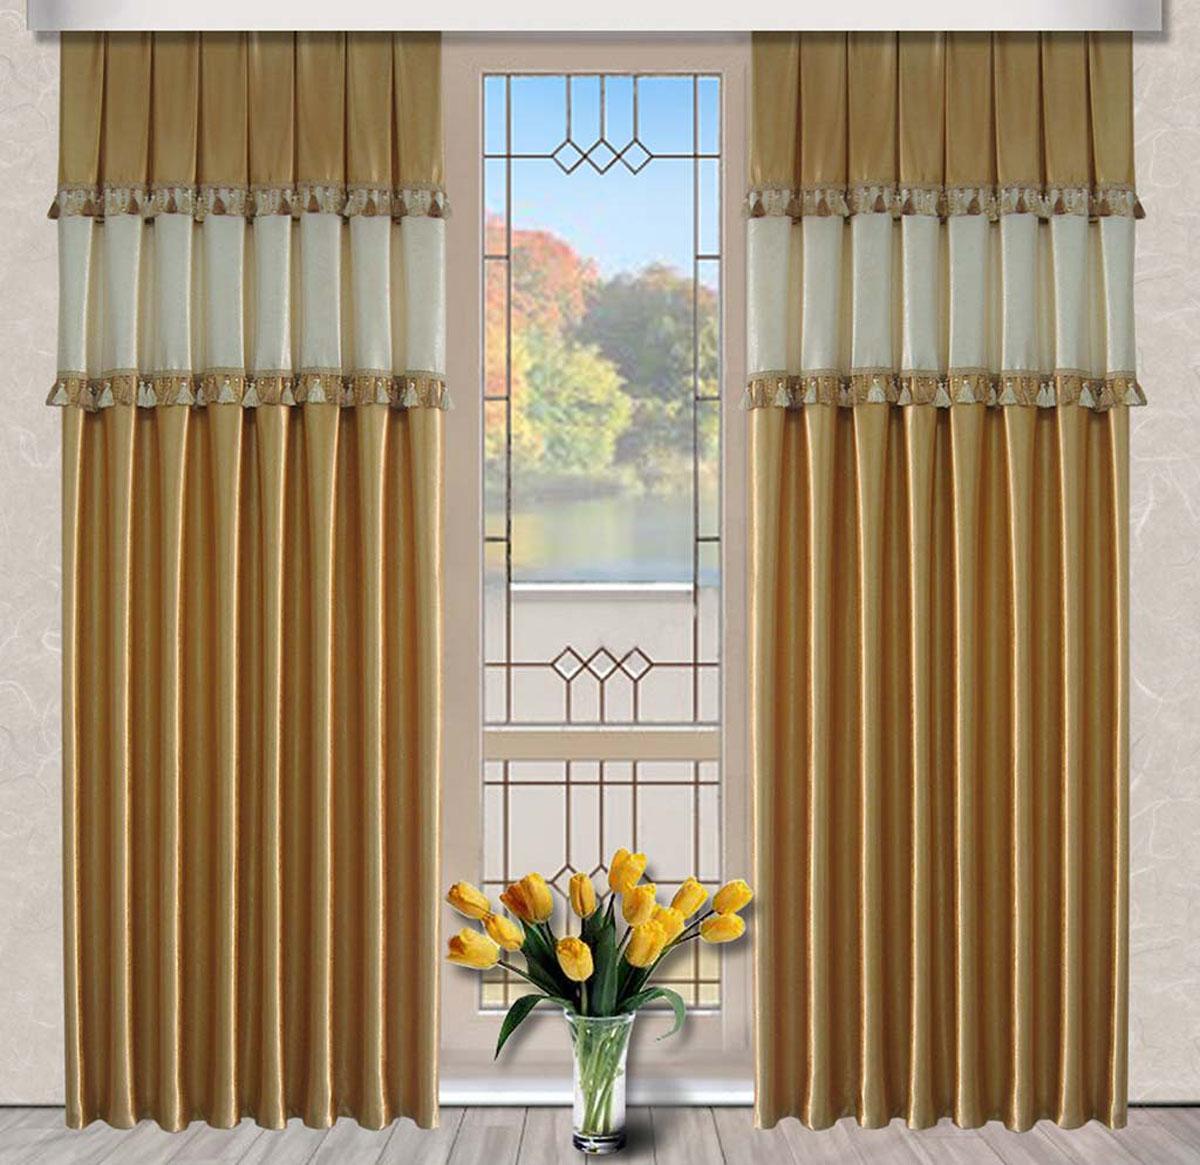 Комплект штор Винтаж, на ленте, цвет: золотой, кремовый, высота 270 см79717Портьеры из плотной ткани украшенные бахромой.Стирка не более 30 градусов